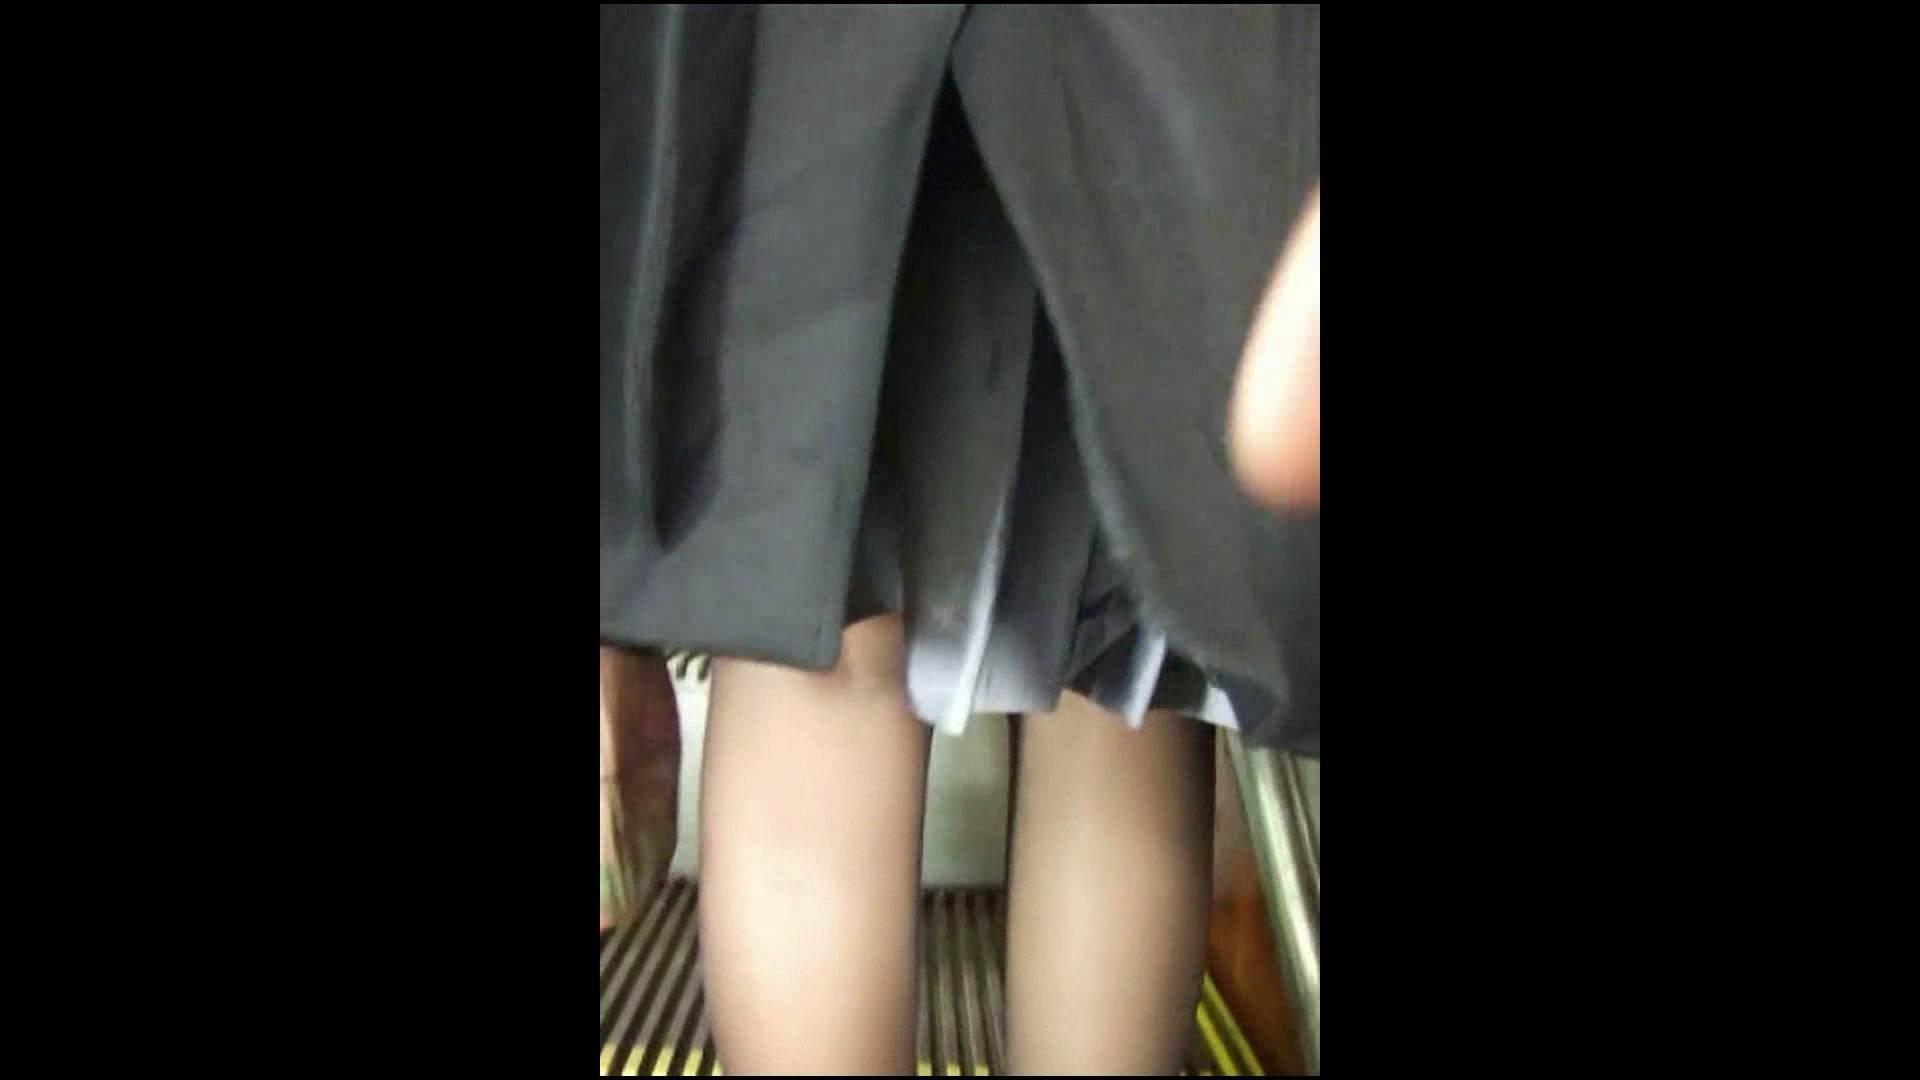 綺麗なモデルさんのスカート捲っちゃおう‼vol06 OL女体  94連発 64